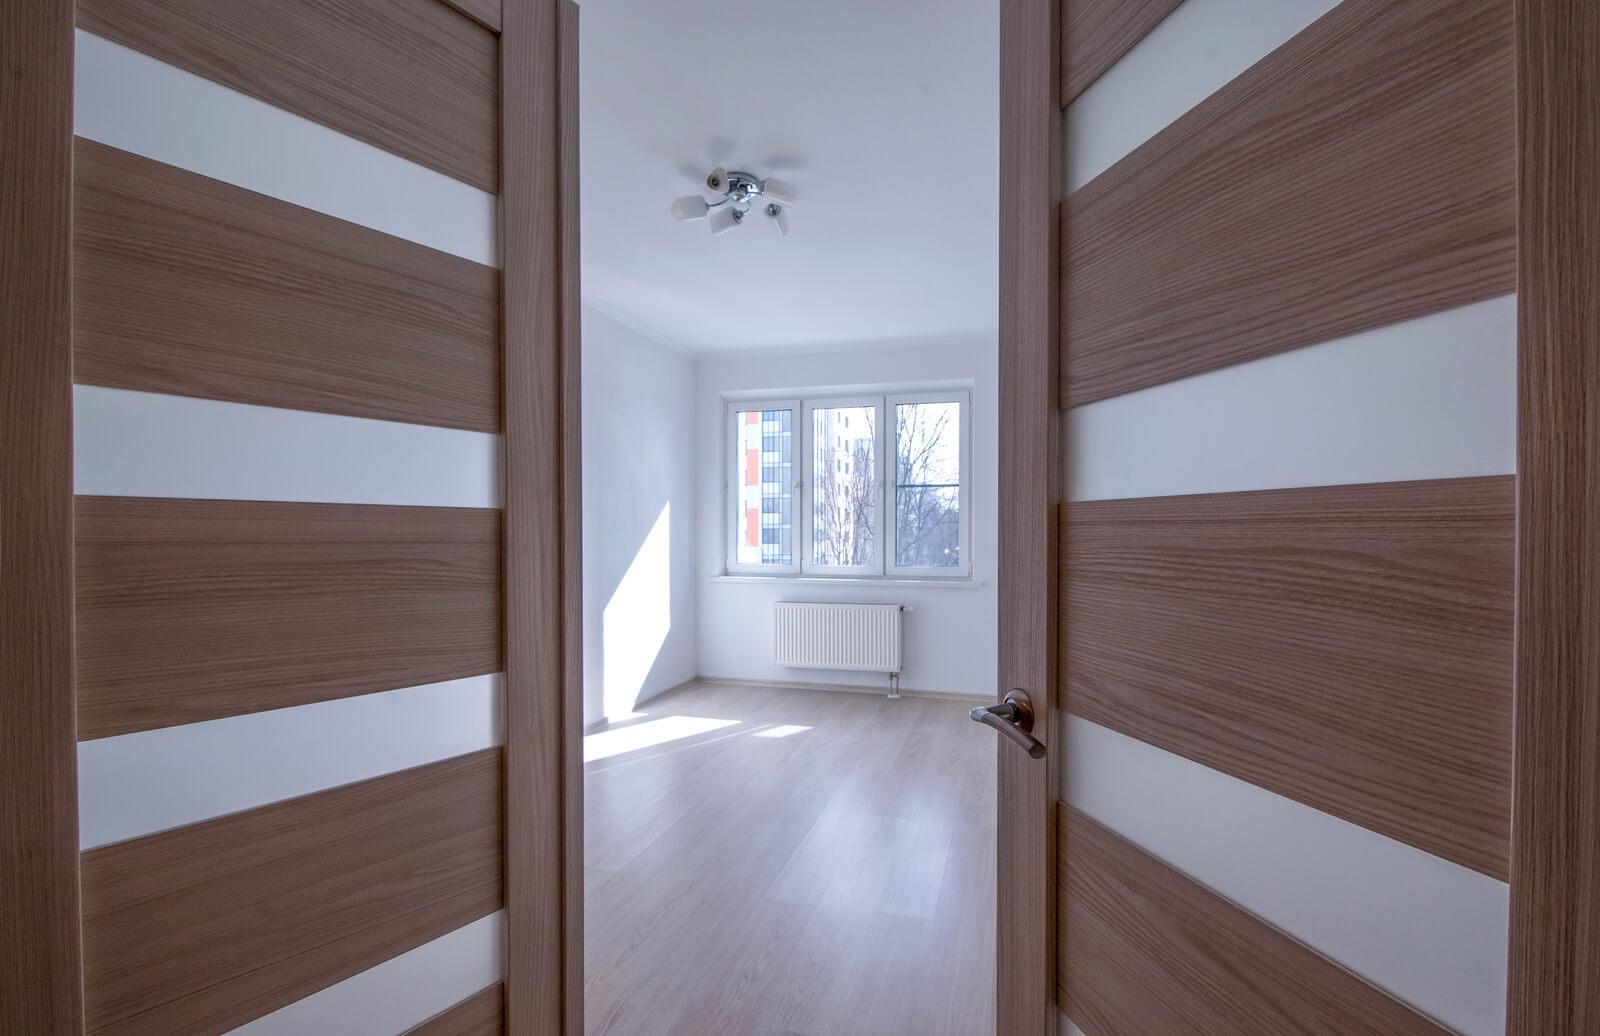 В 2020 году в Троицком и Новомосковском административных округах введут в эксплуатацию 2,5 миллиона квадратных метров жилой недвижимости. Фото: сайт мэра Москвы